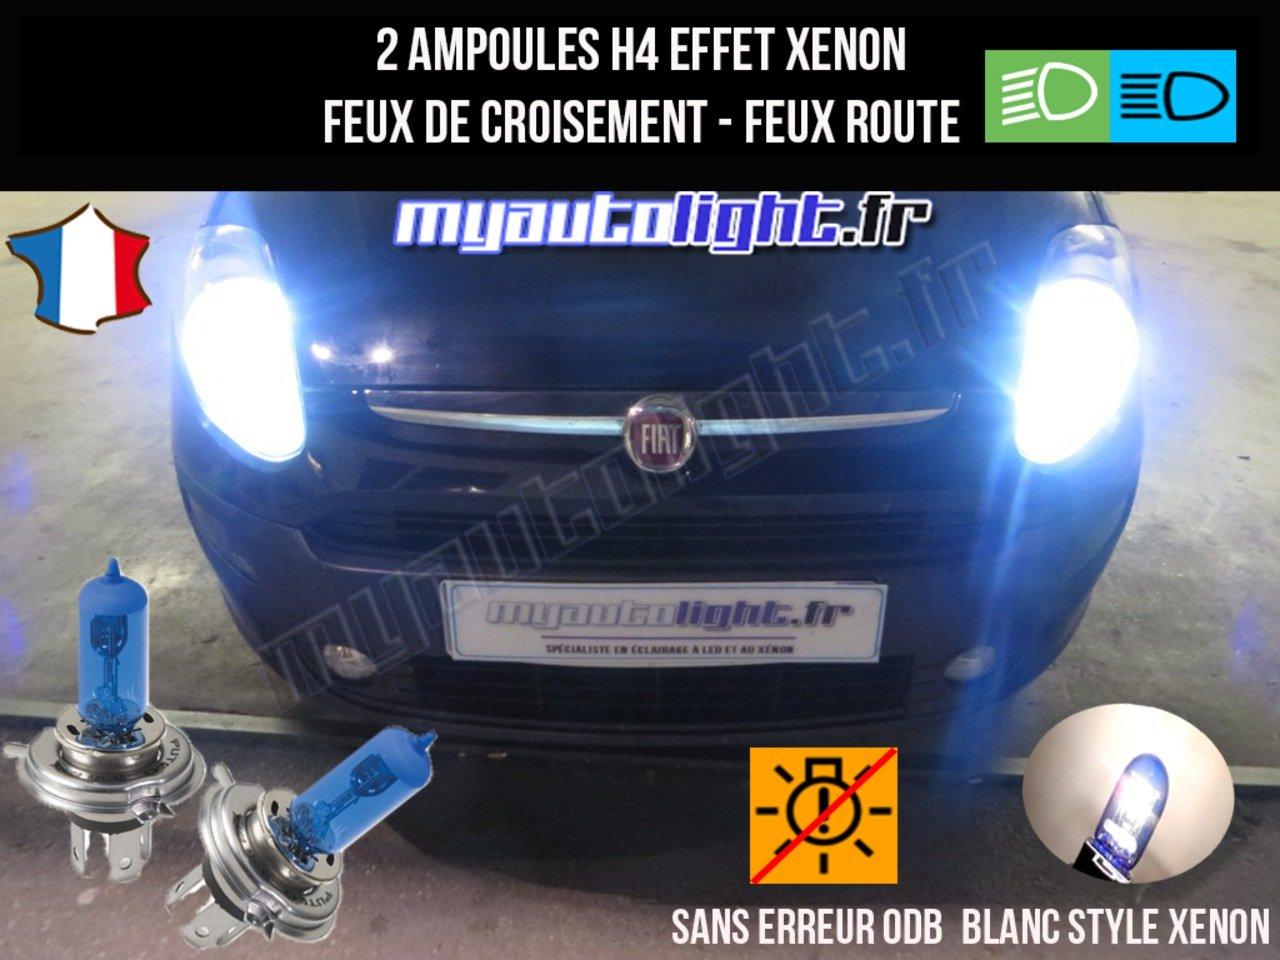 Pack ampoules H4 blanc xenon feux croisement-code pour Fiat Grande Punto MyAutoLight